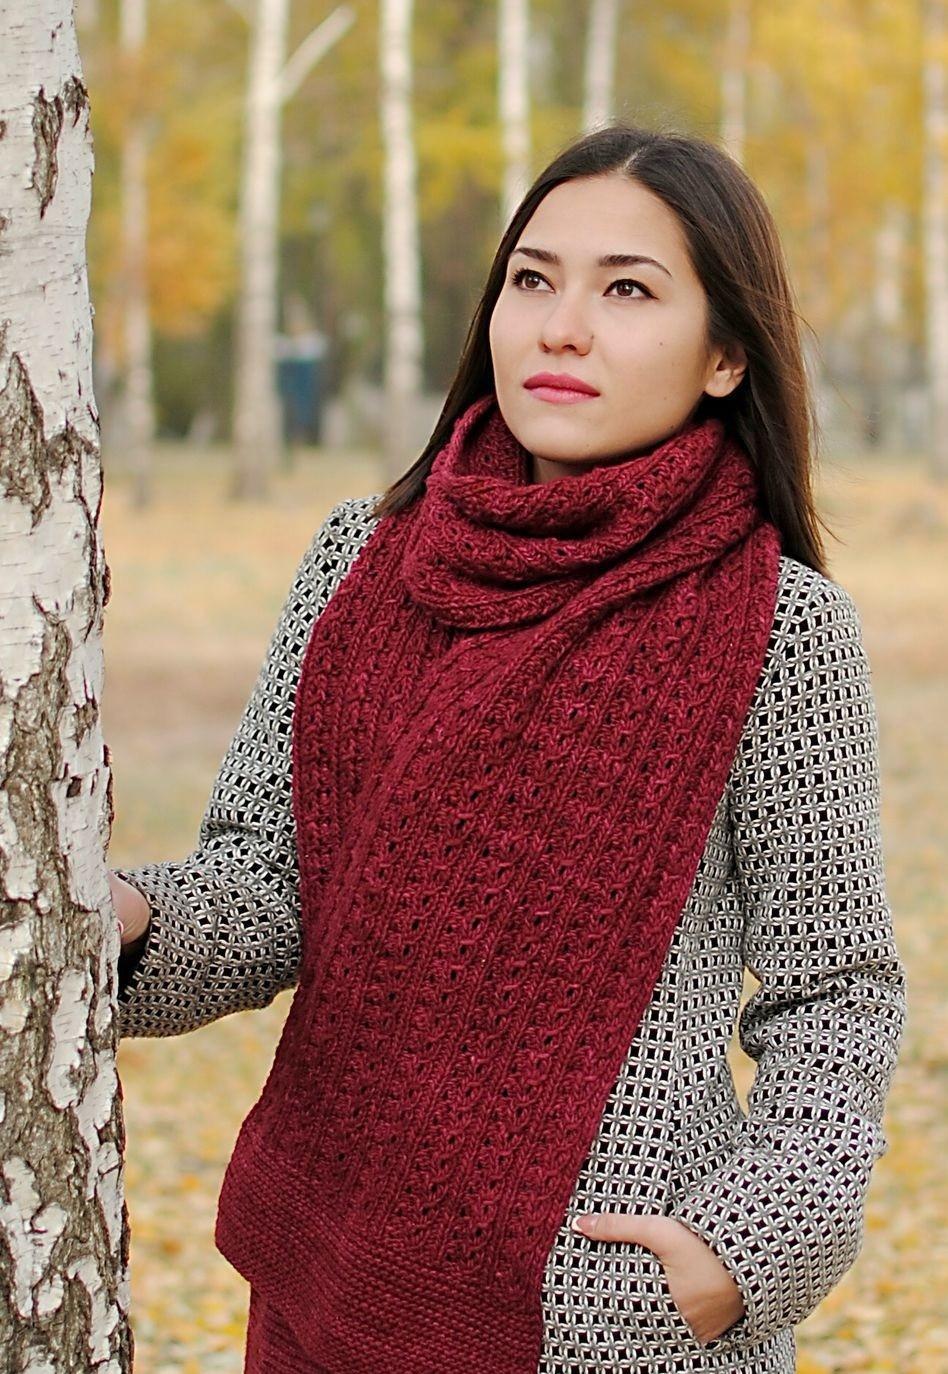 модный шарф 2018 2019: бордовый вязаный шарф широкий